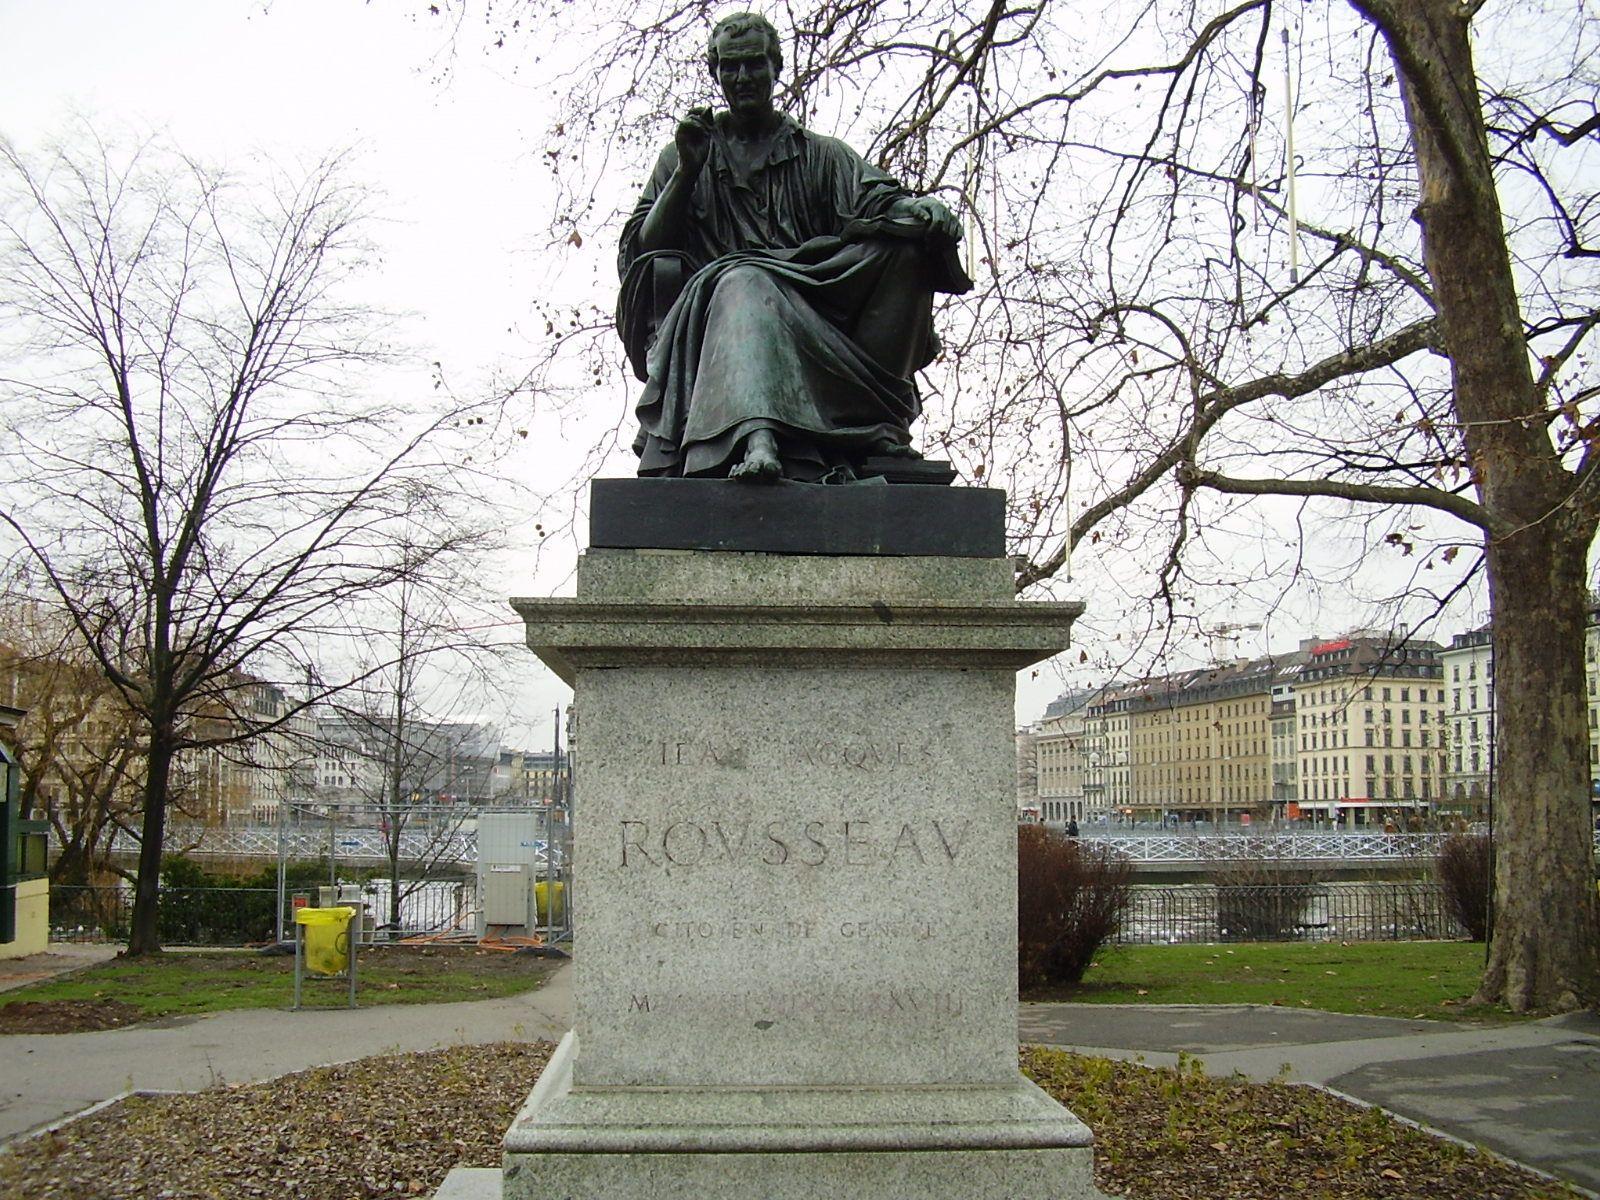 Estátua de Rousseau com a cidade ao fundo.